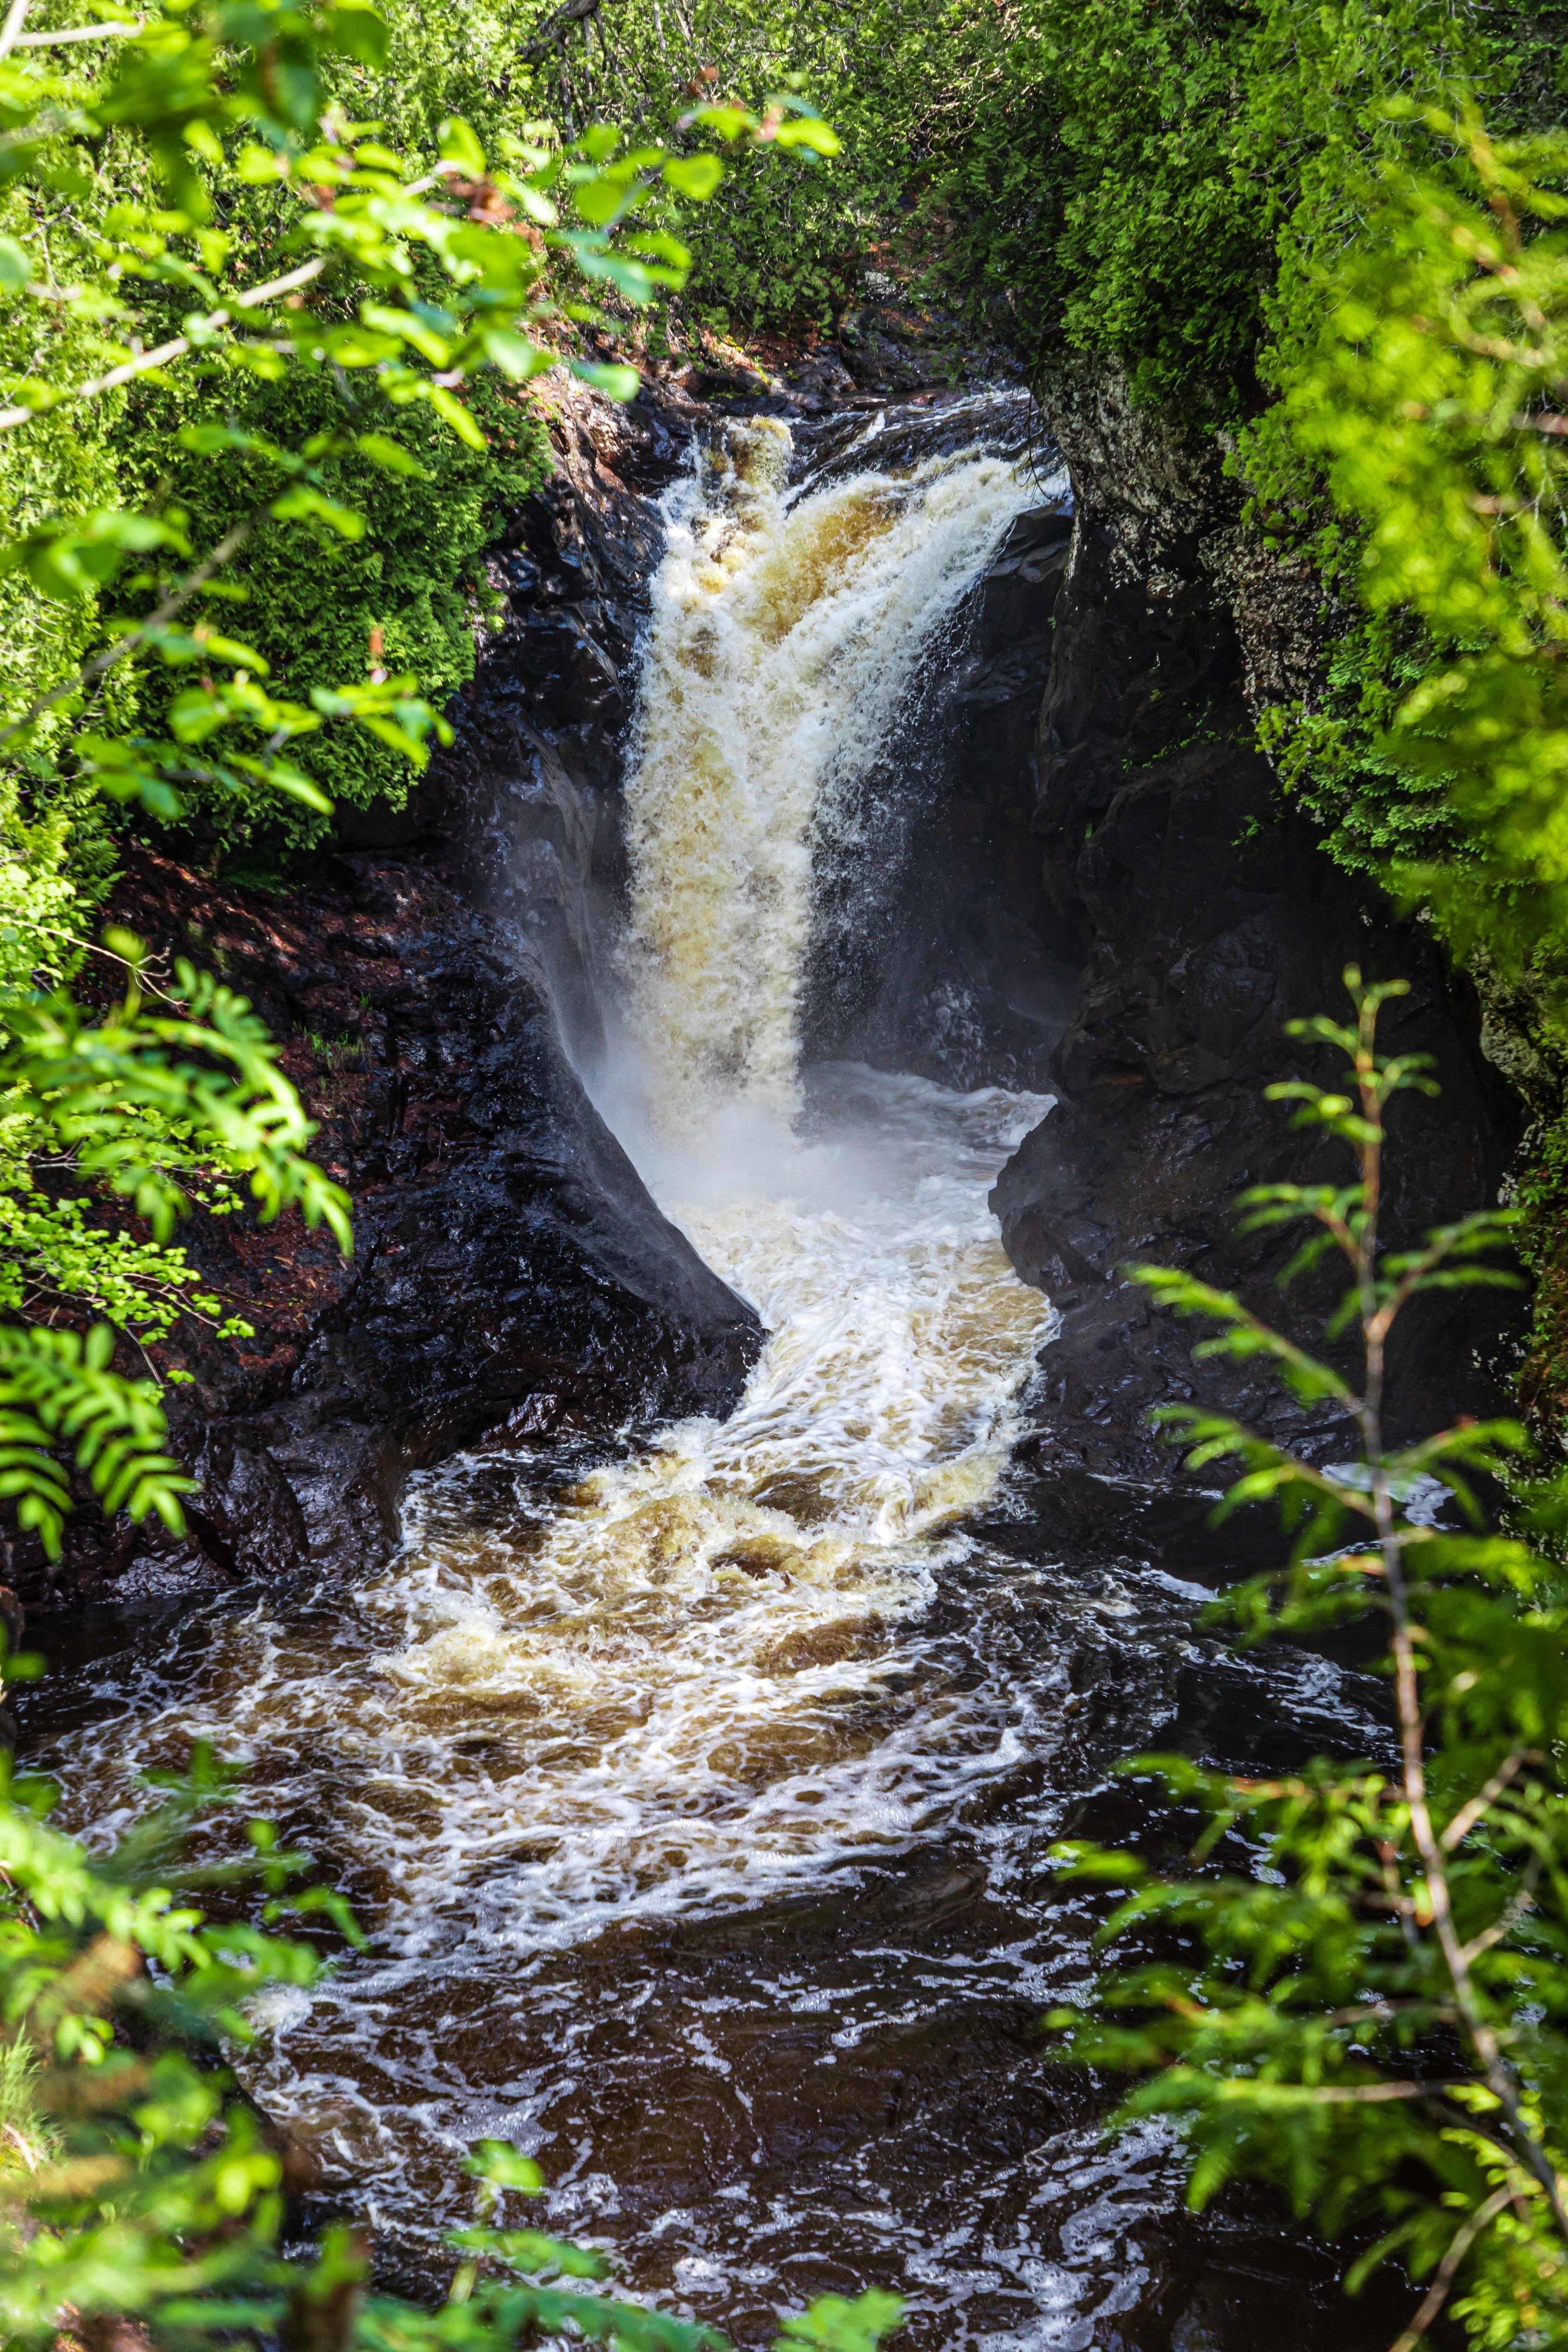 Minnesota North Shore: Waterfall 1